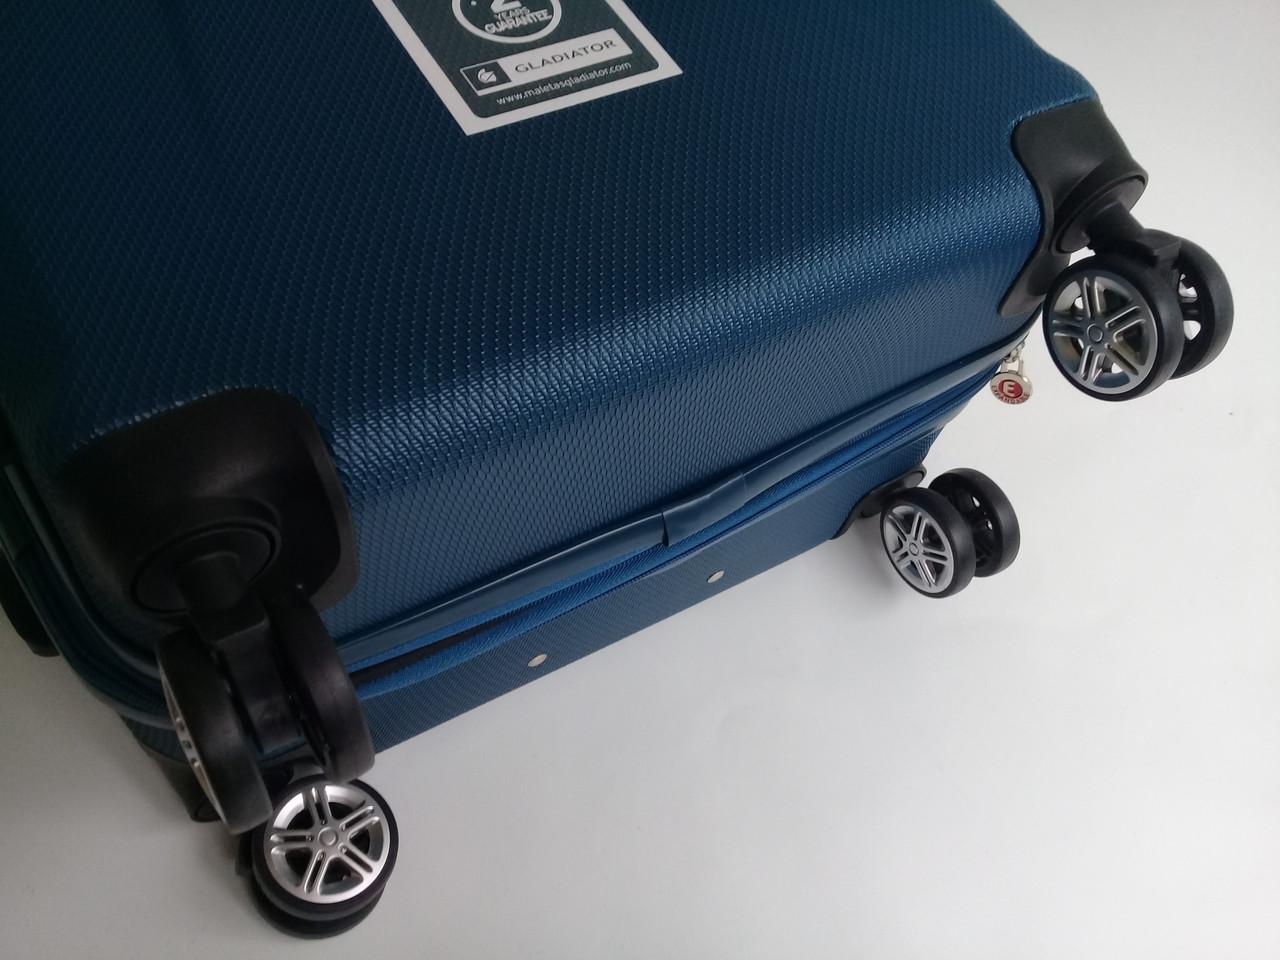 c6c8eb2d817b Чемодан дорожный на колесах: Gladiator Iguana M-2911, с расширением,  среднего размера - синий, цена 2 300 грн., купить Виноградов — Prom.ua  (ID#642645870)